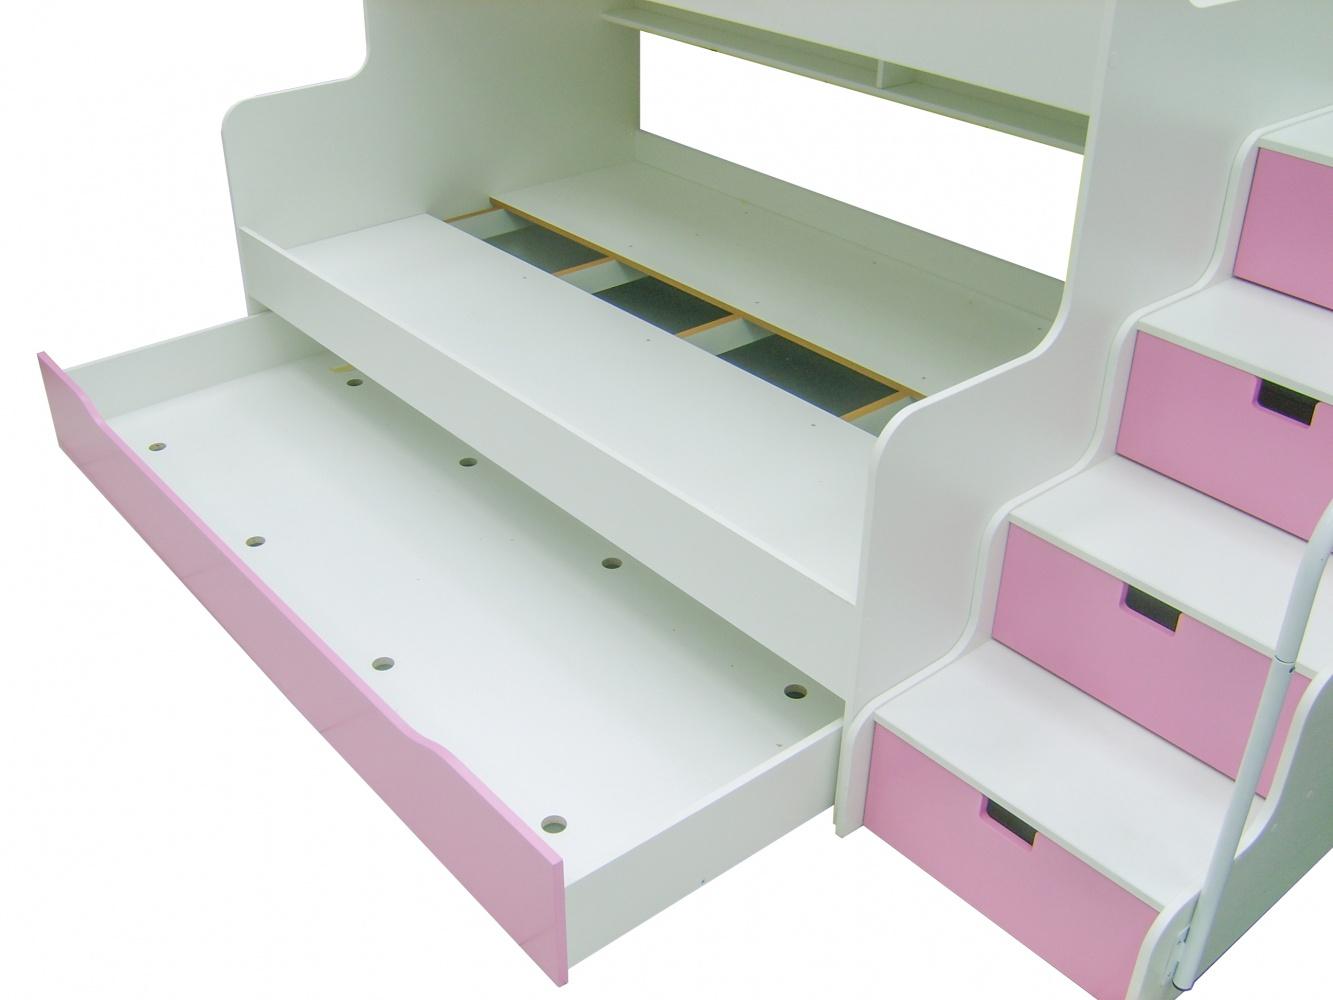 Etagenbett Pink : Etagenbett hochbett mk mit schubkastentreppe weiß pink ehb m